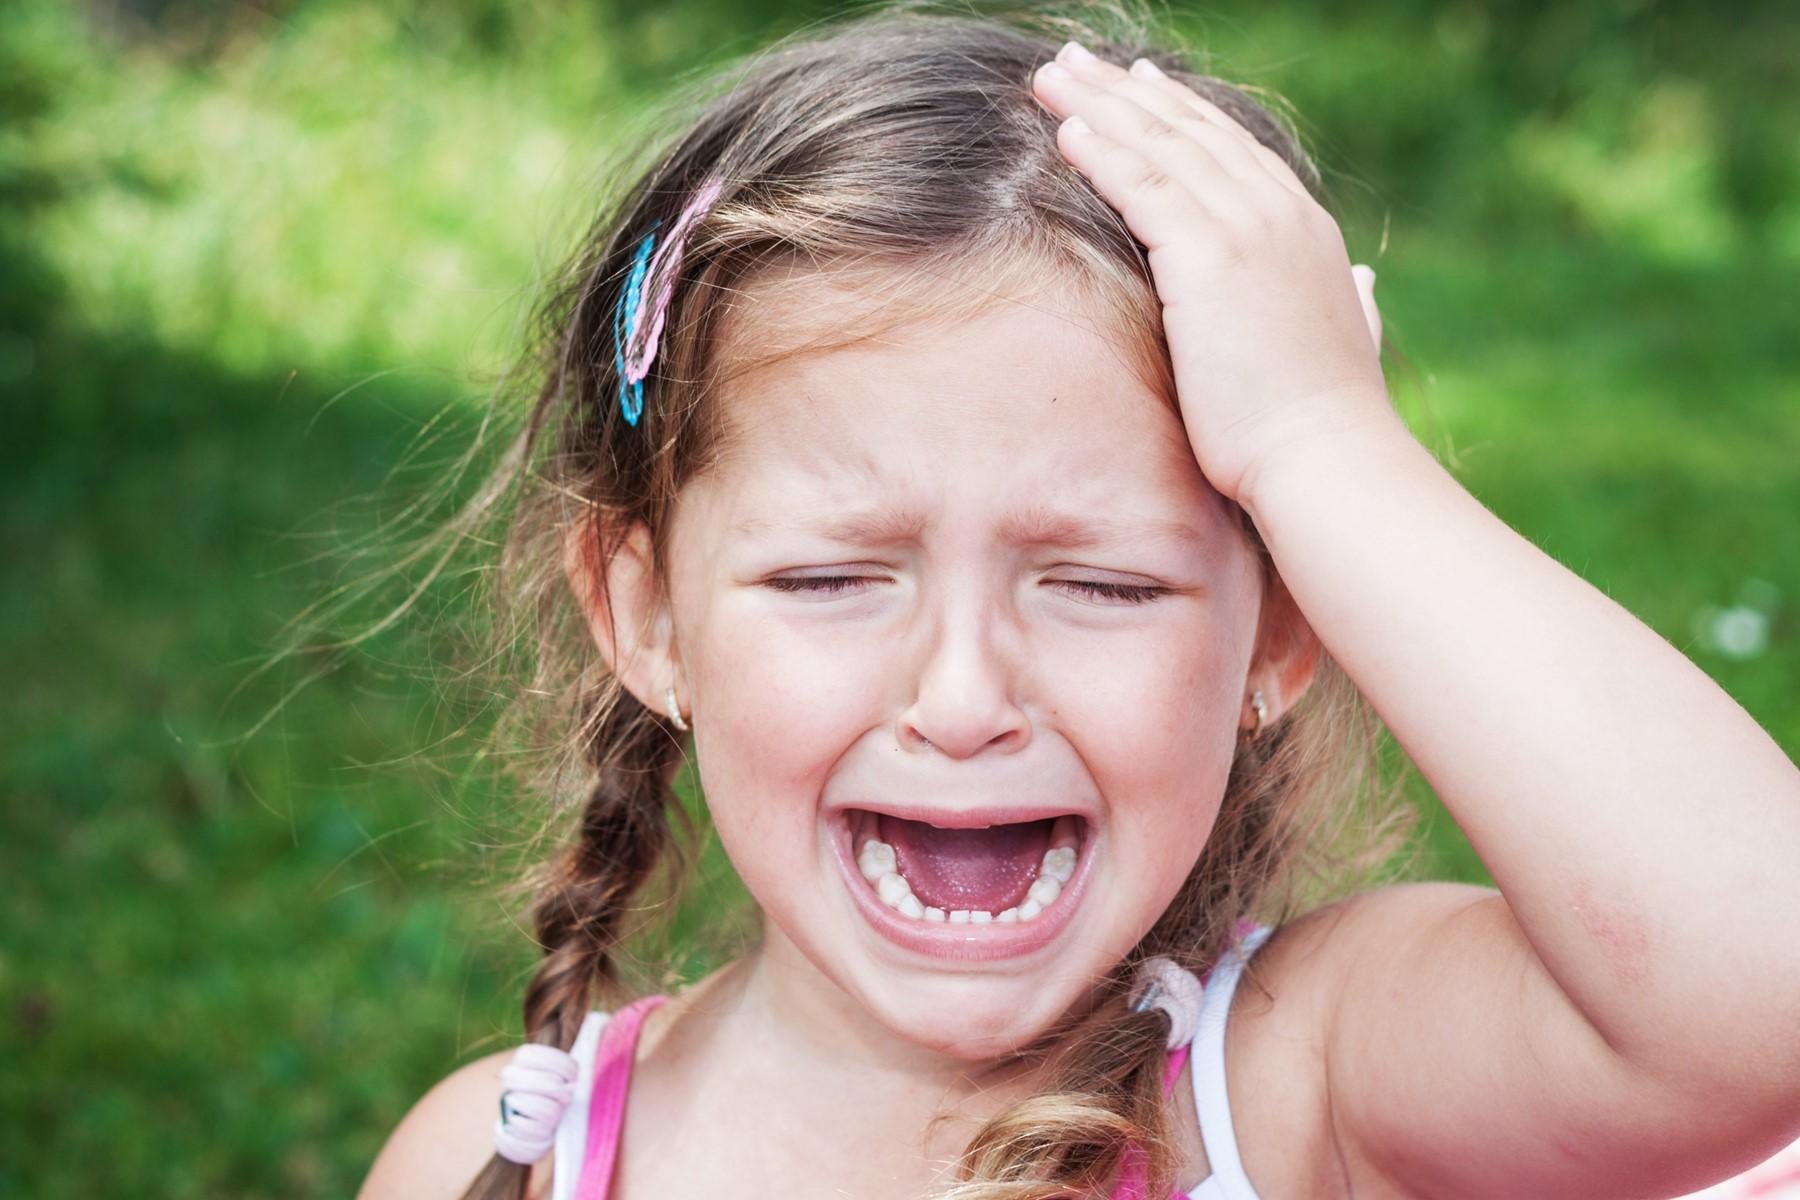 صوره لطفله تبكى